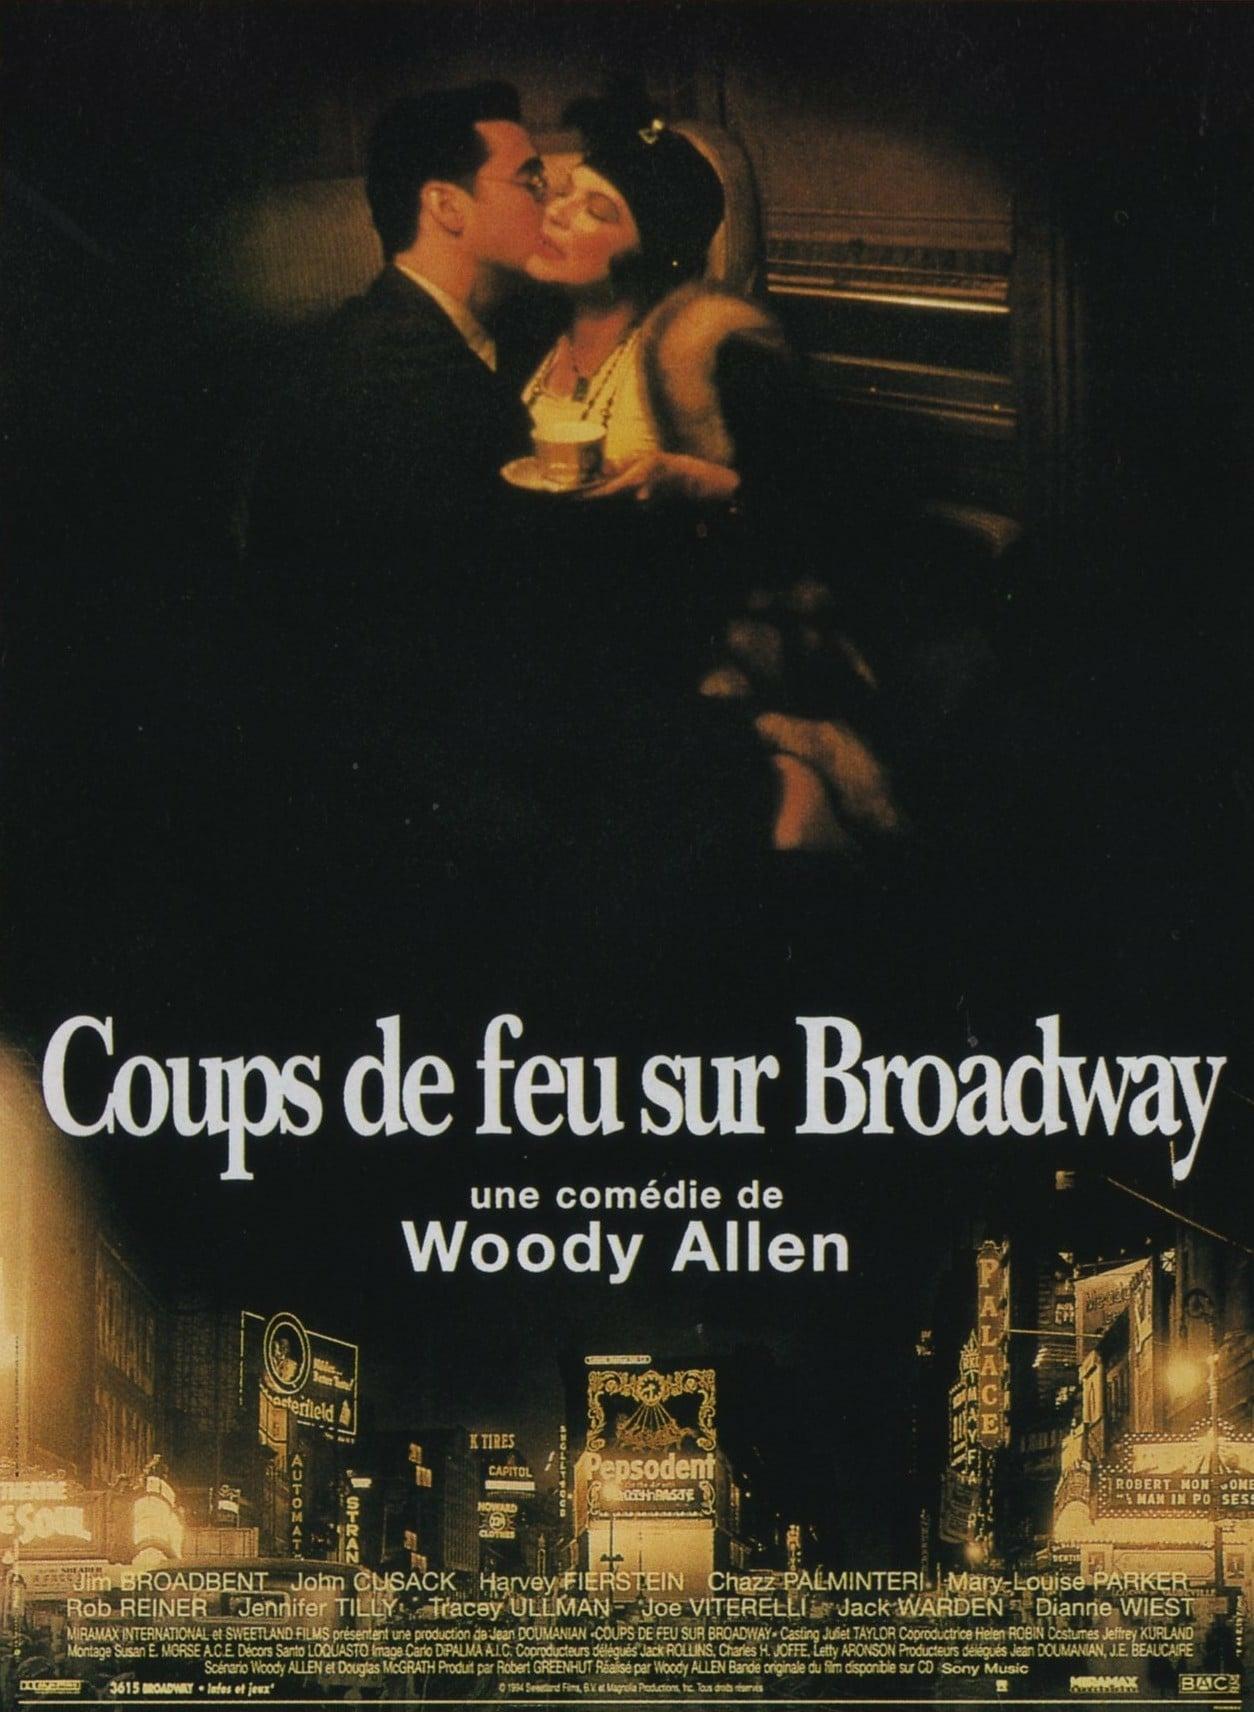 affiche du film Coups de feu sur Broadway